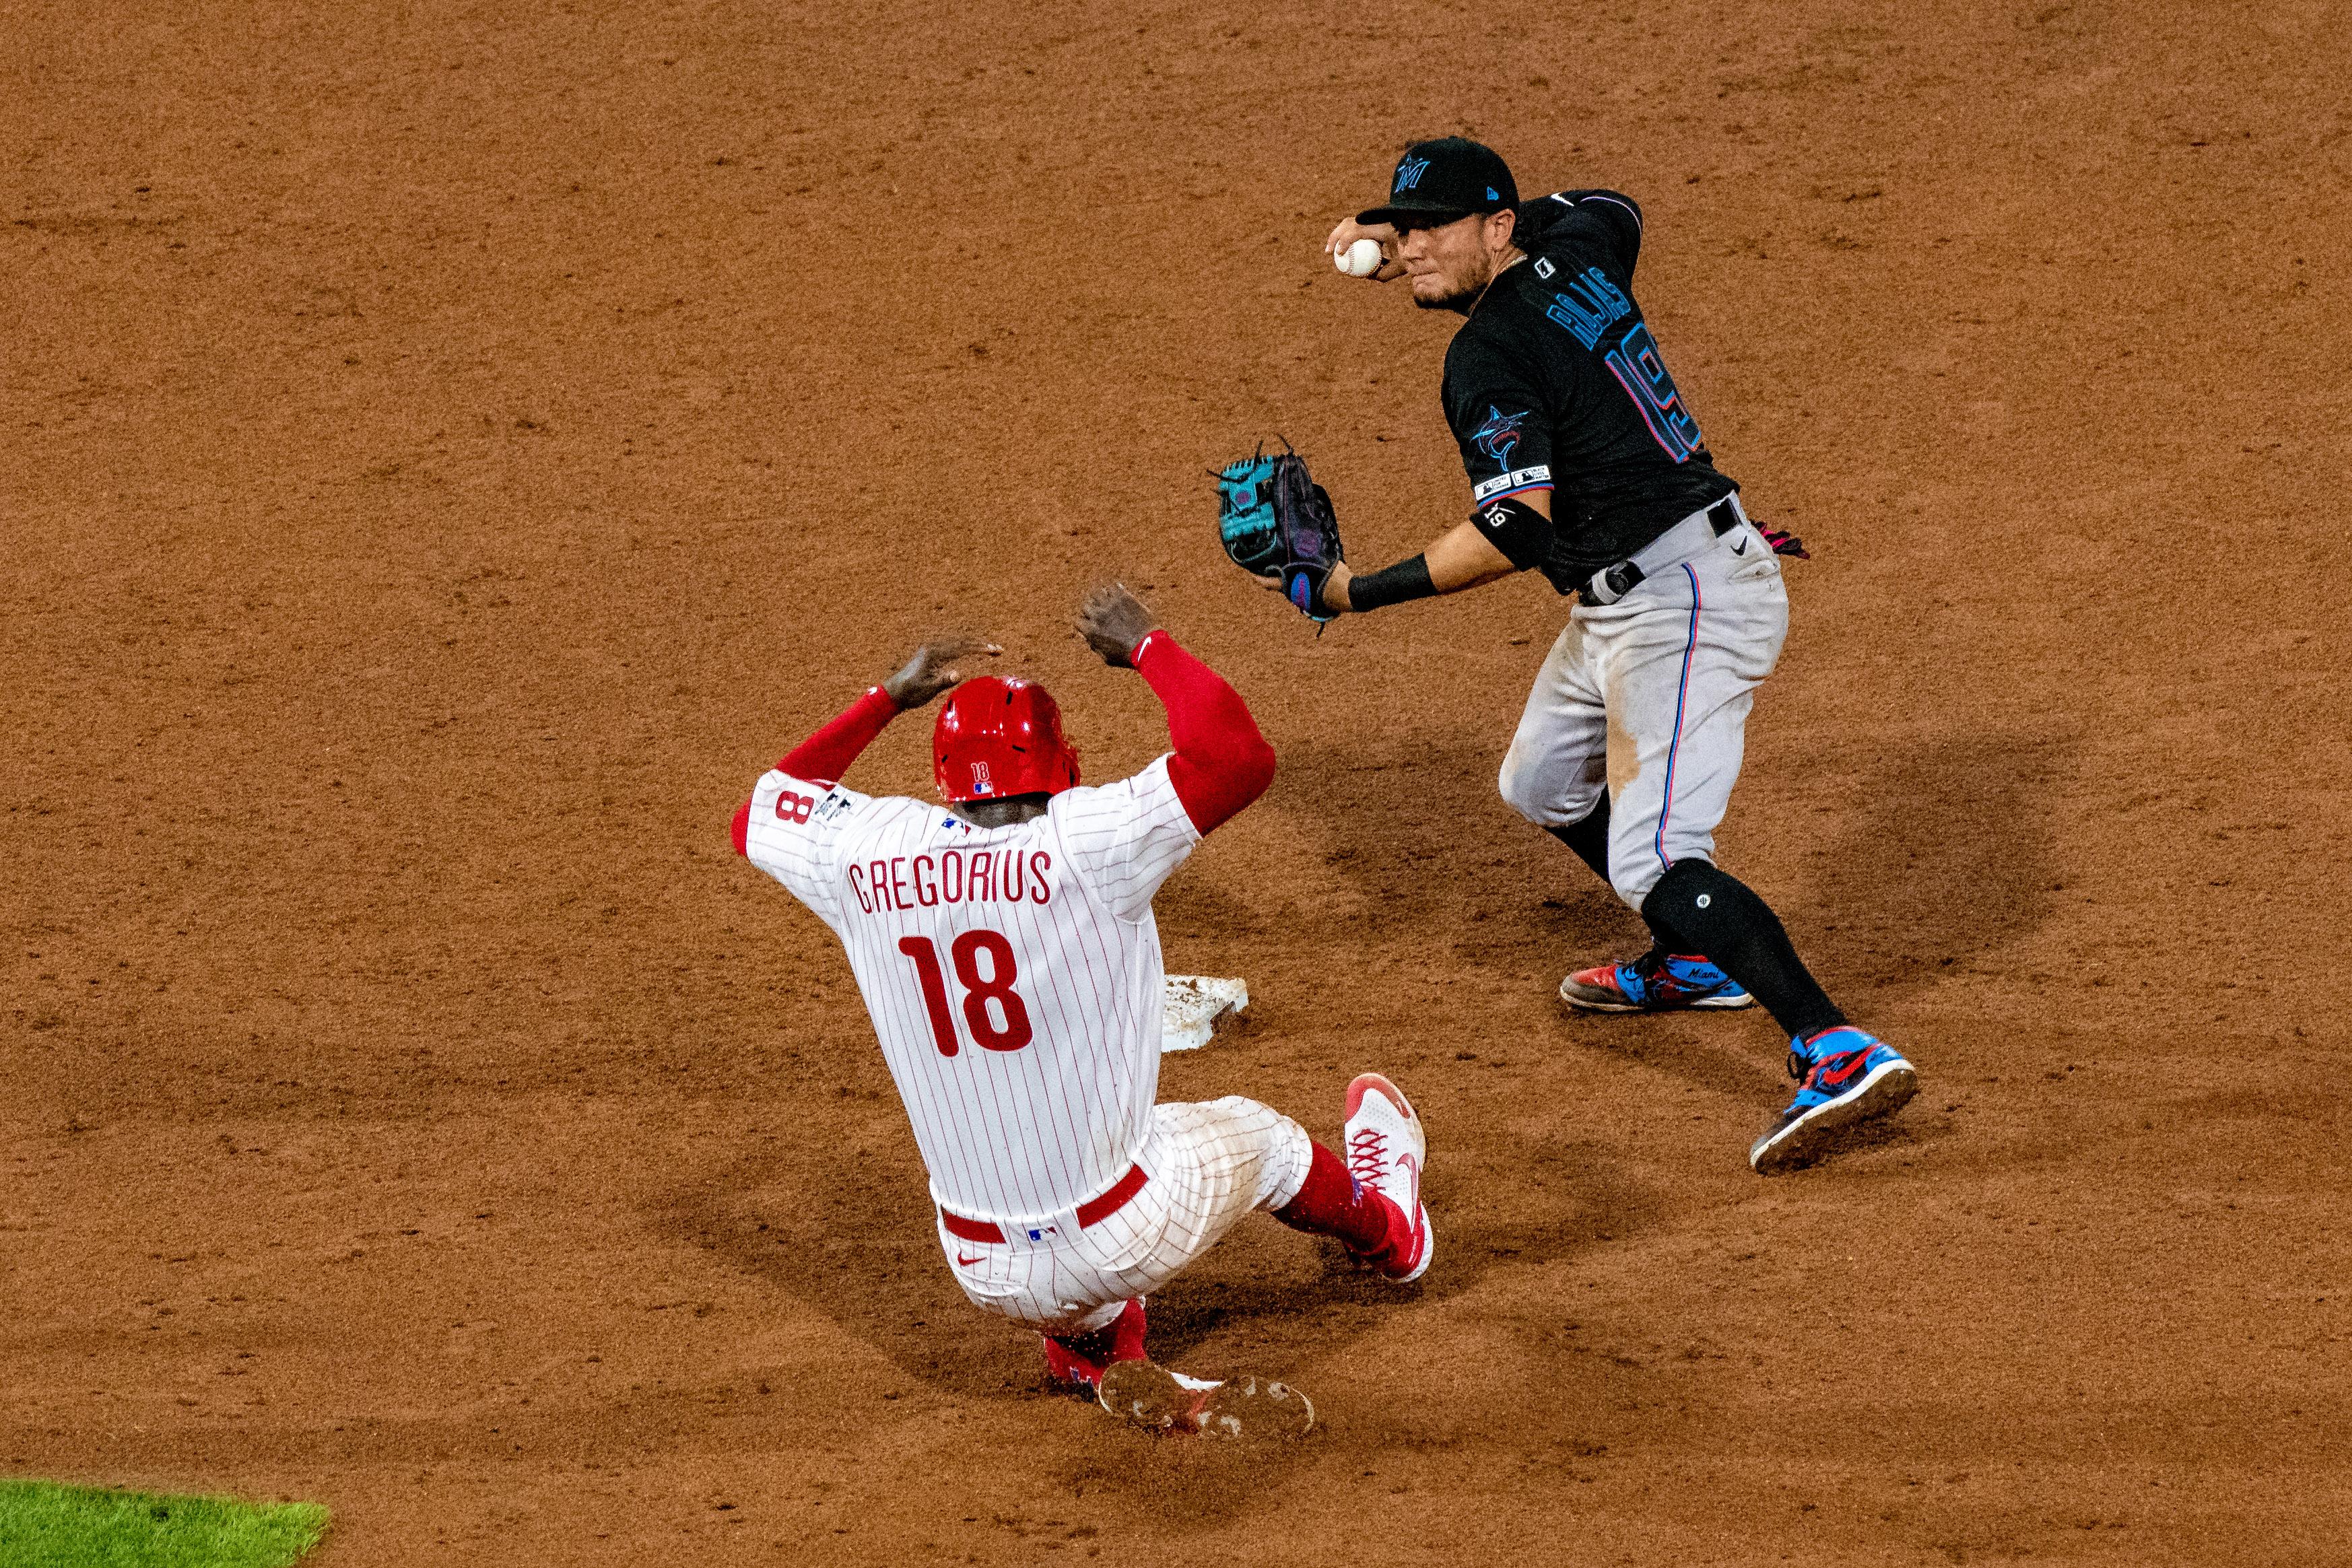 MLB: JUL 24 Marlins at Phillies